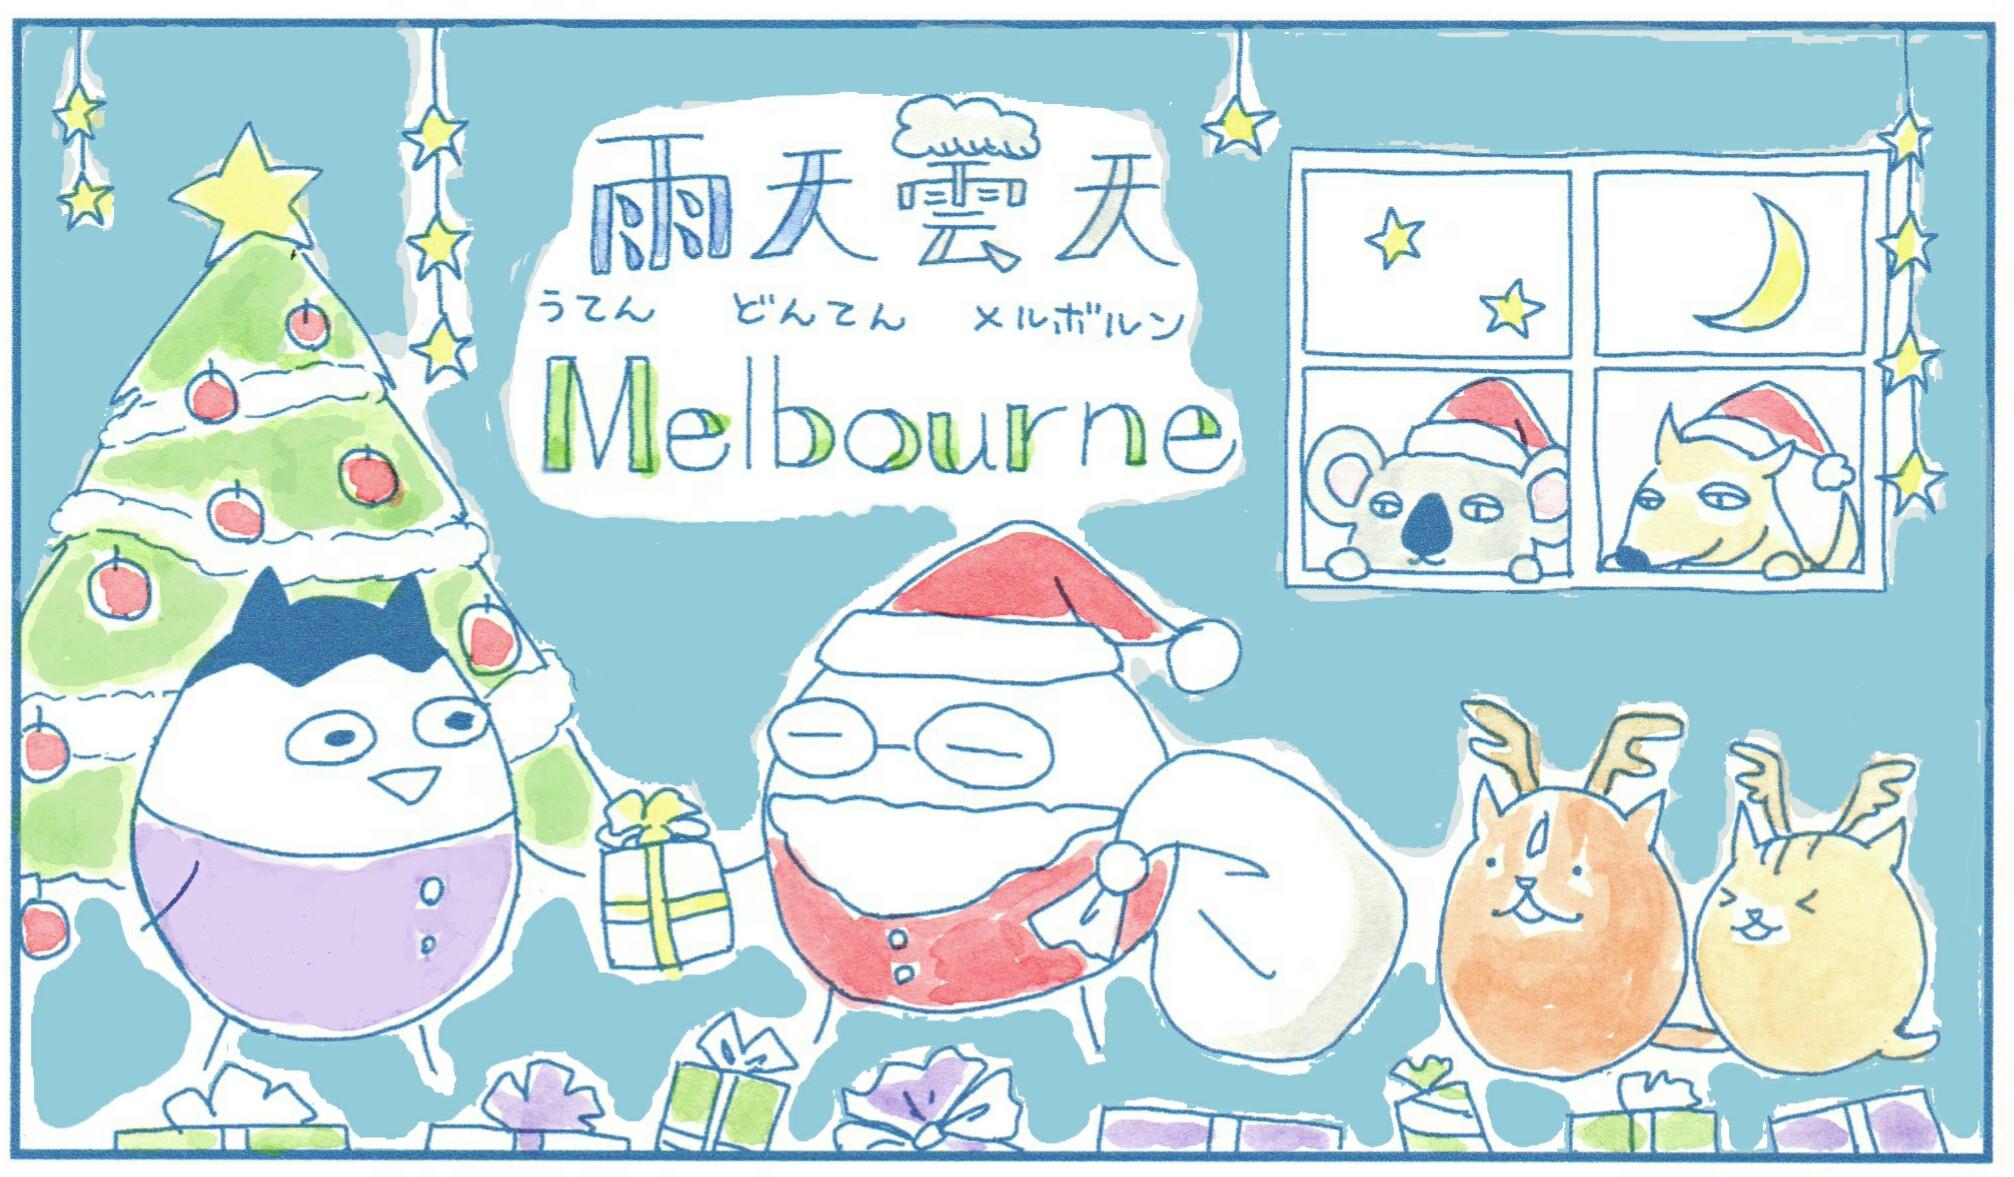 雨天曇天 Melbourne④ クリスマス番外編SP!オージー流☆真夏のクリスマス